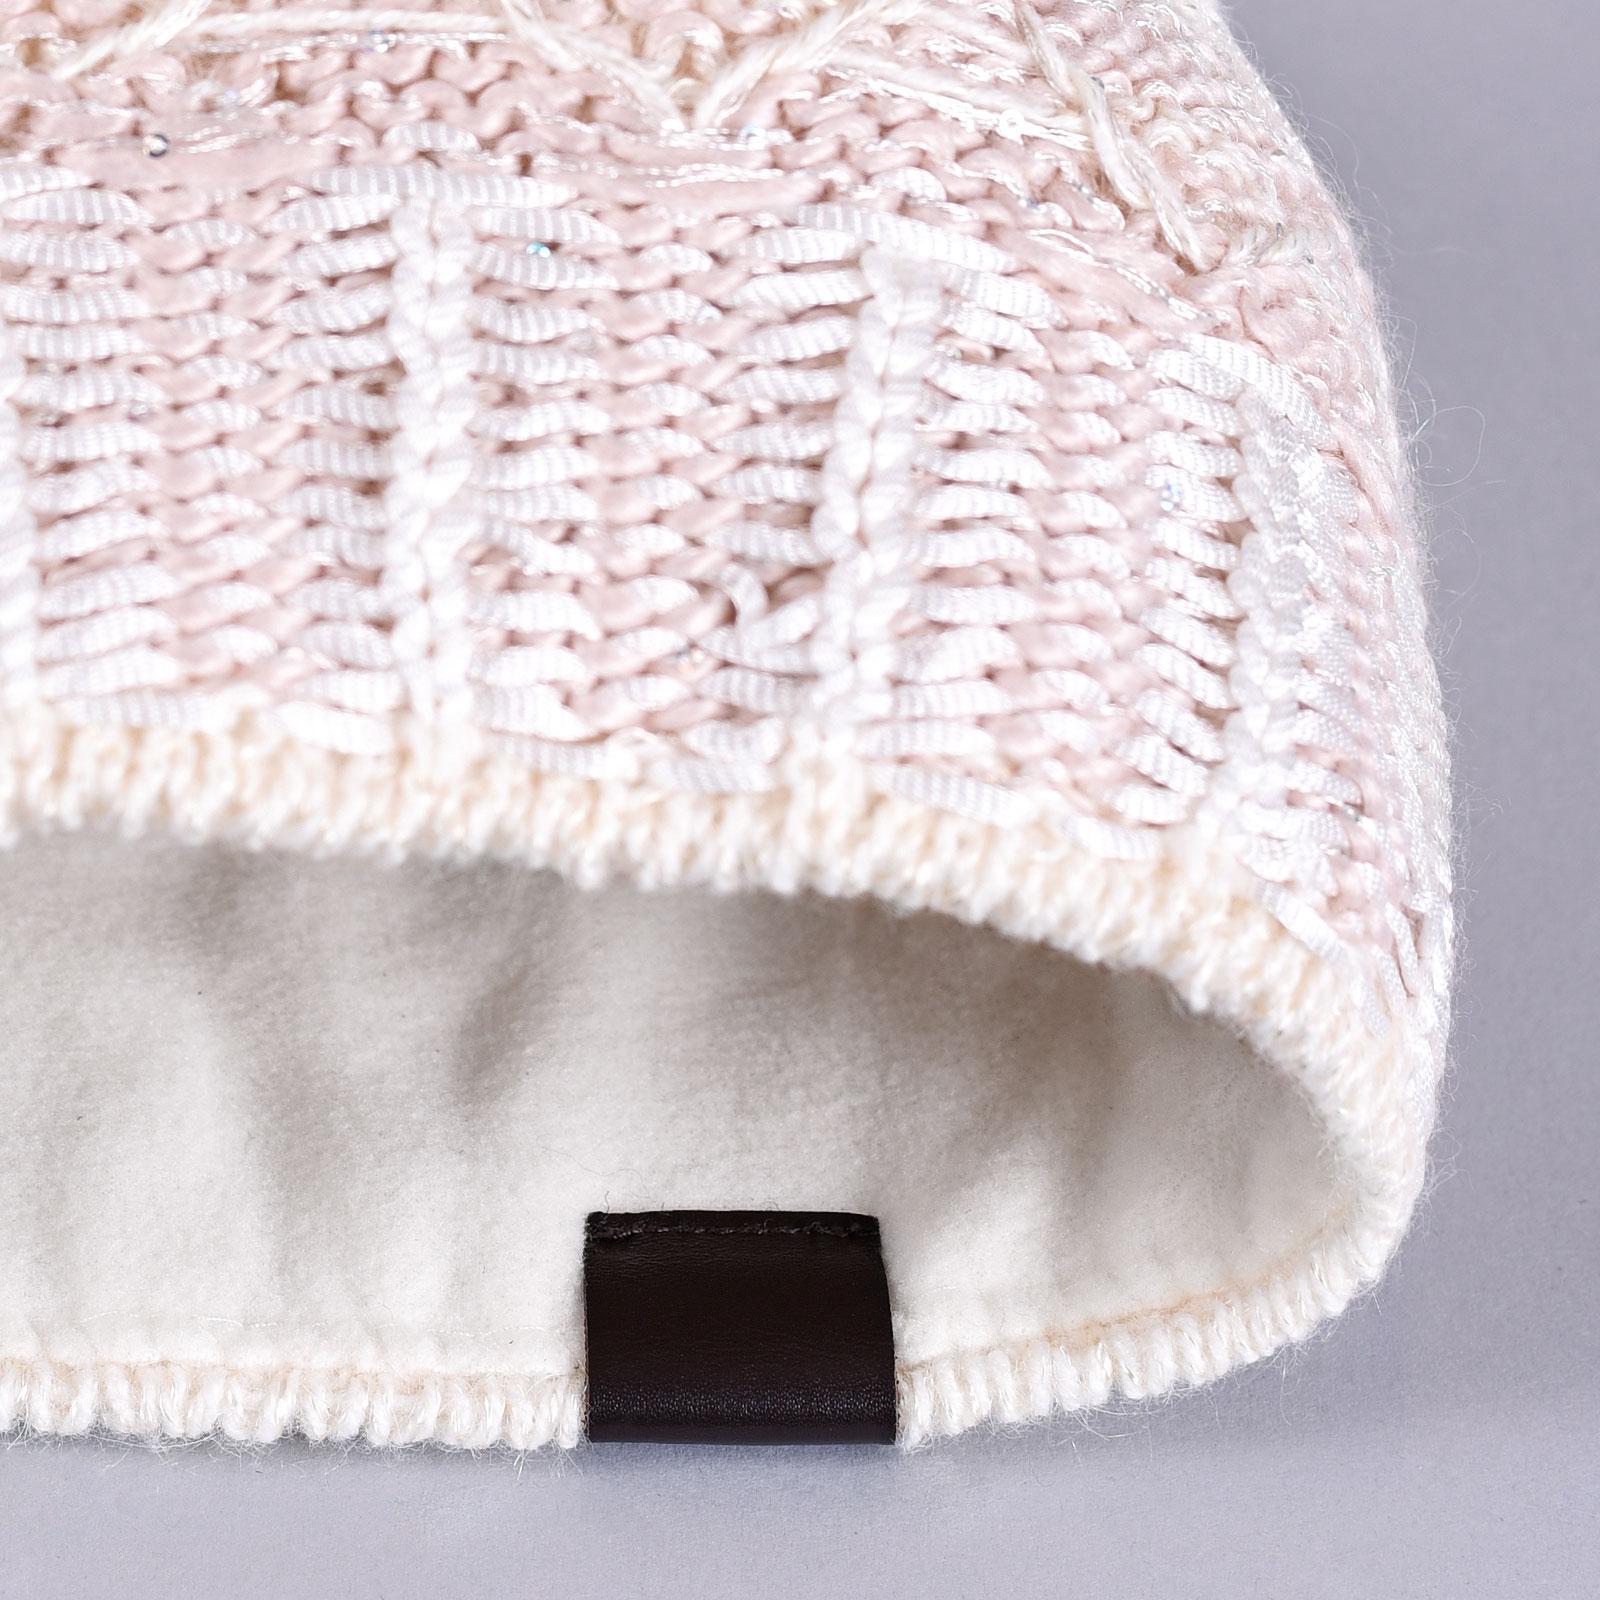 CP-01037-D16-2-bonnet-femme-hiver-blanc-creme